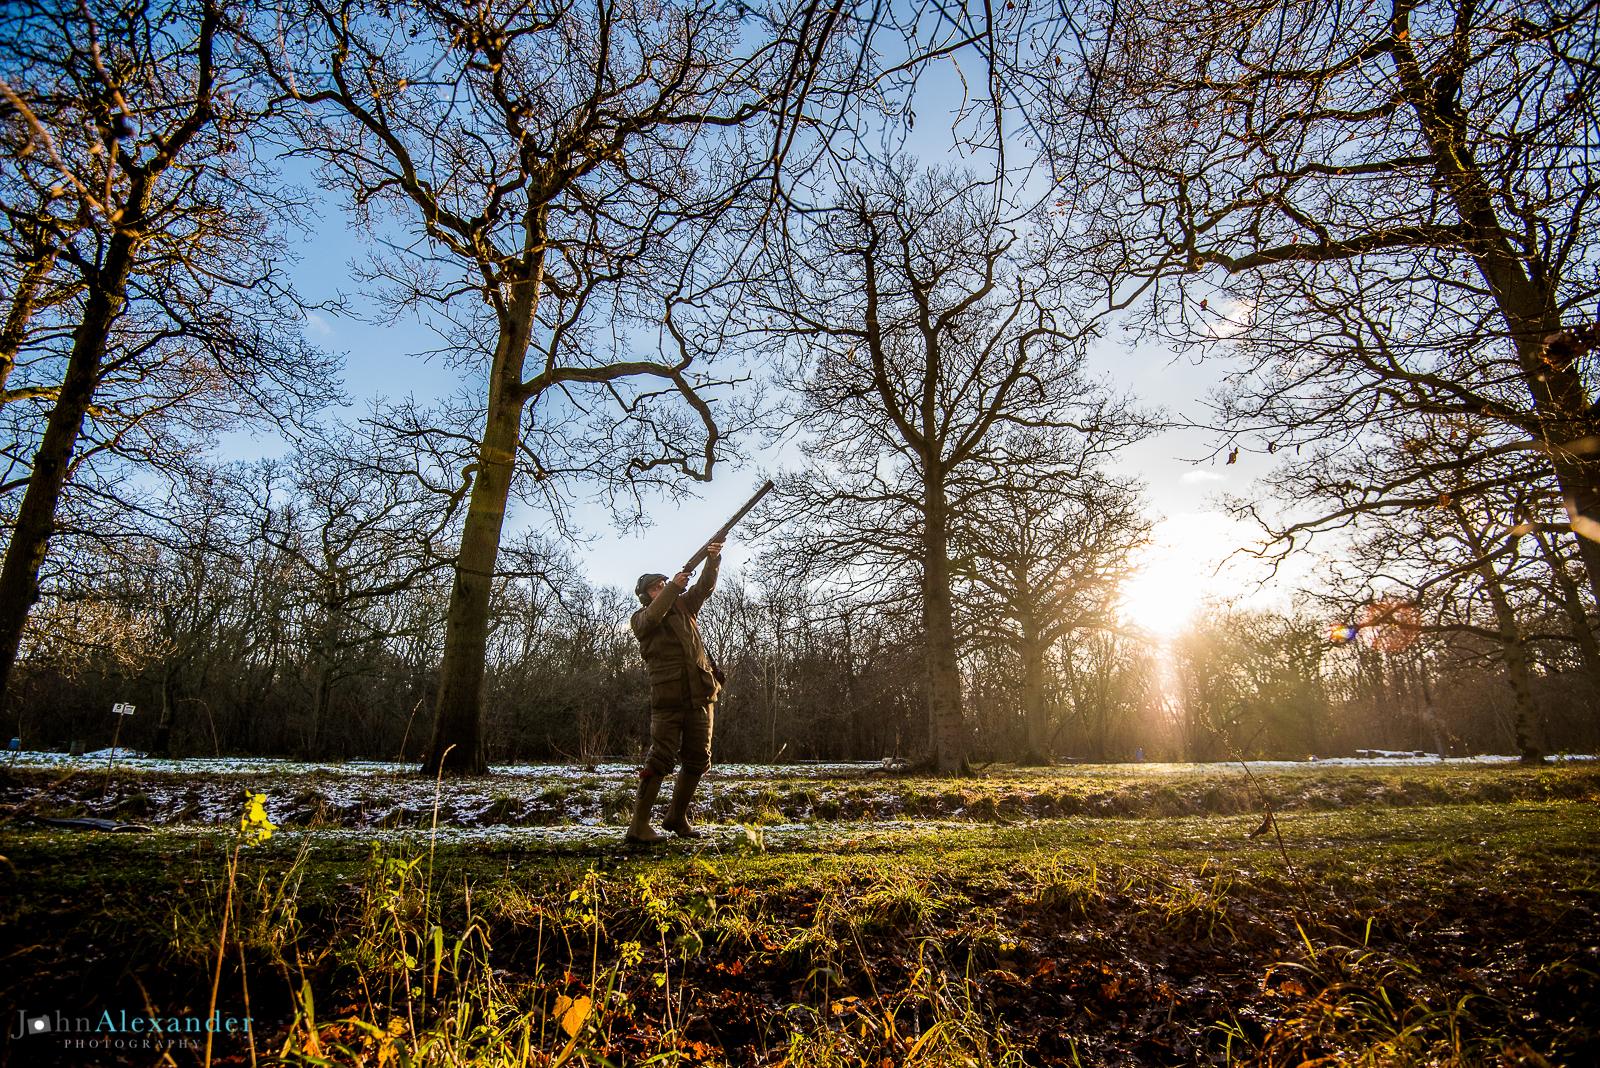 gun shooting through trees with sunset